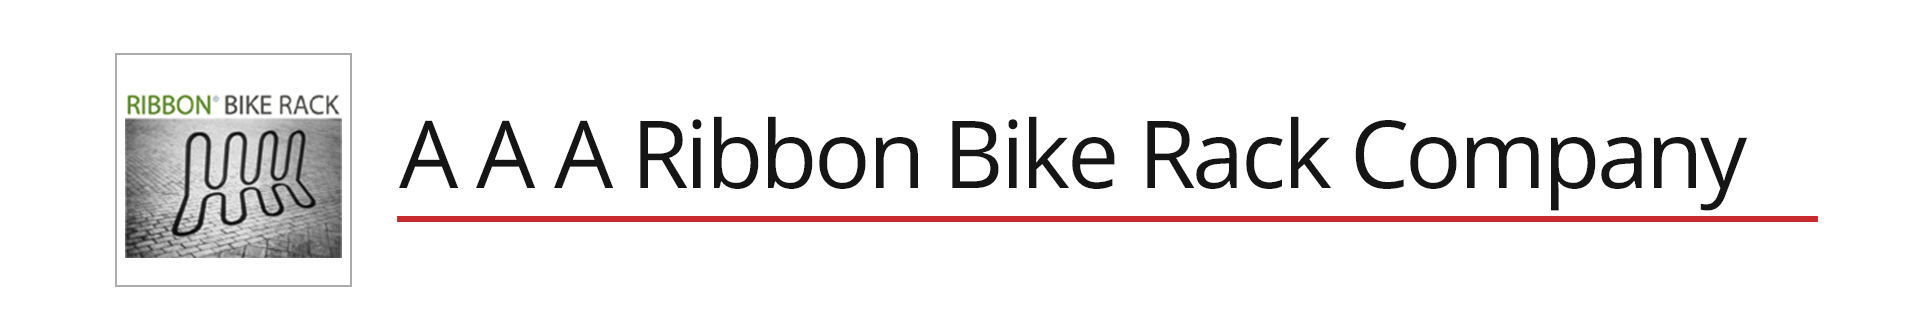 AAA Ribbon Bike Rack_Header.jpg